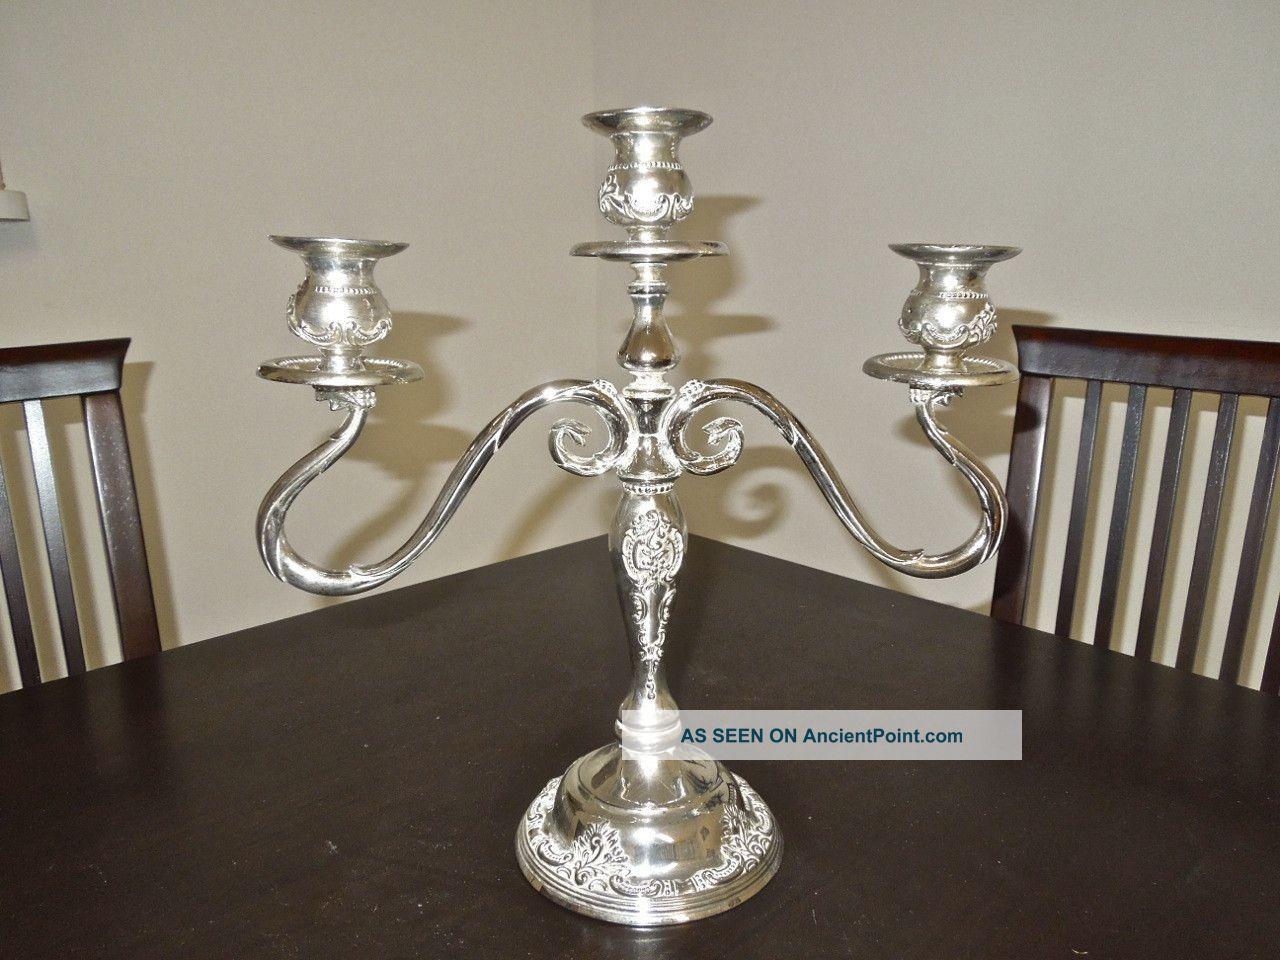 Vintage Silver Plated Godinger 3 Arm Candelabra Candlesticks & Candelabra photo